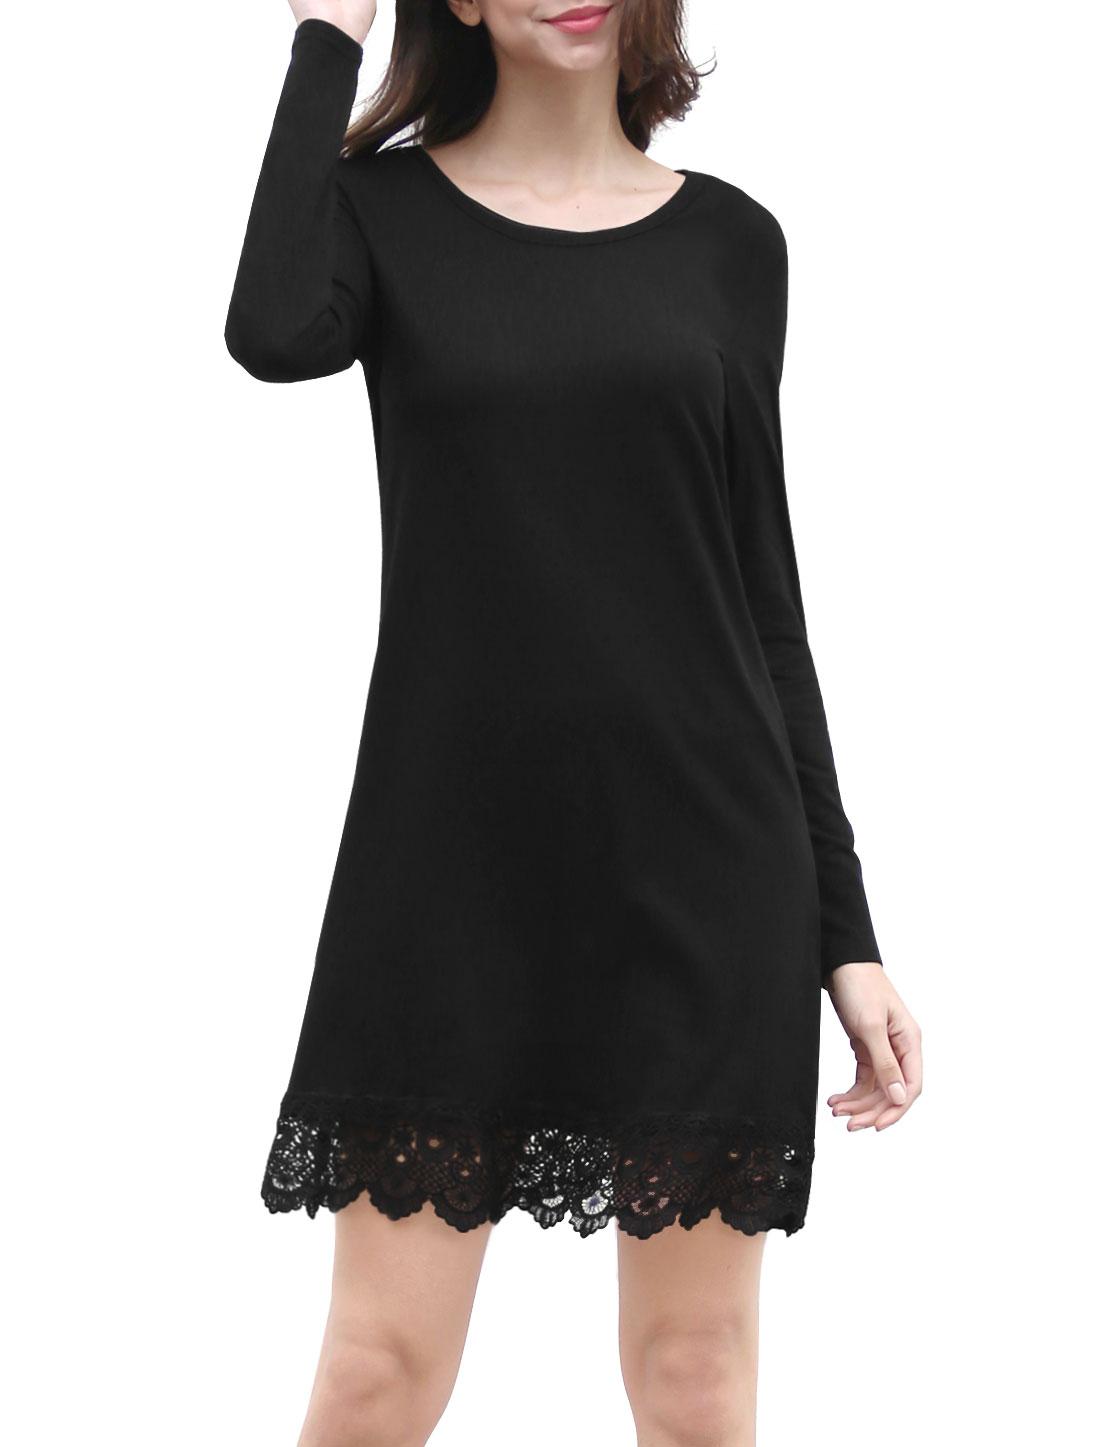 Allegra K Women Long Sleeves Scalloped Crochet Hem Above Knee Dress Black S